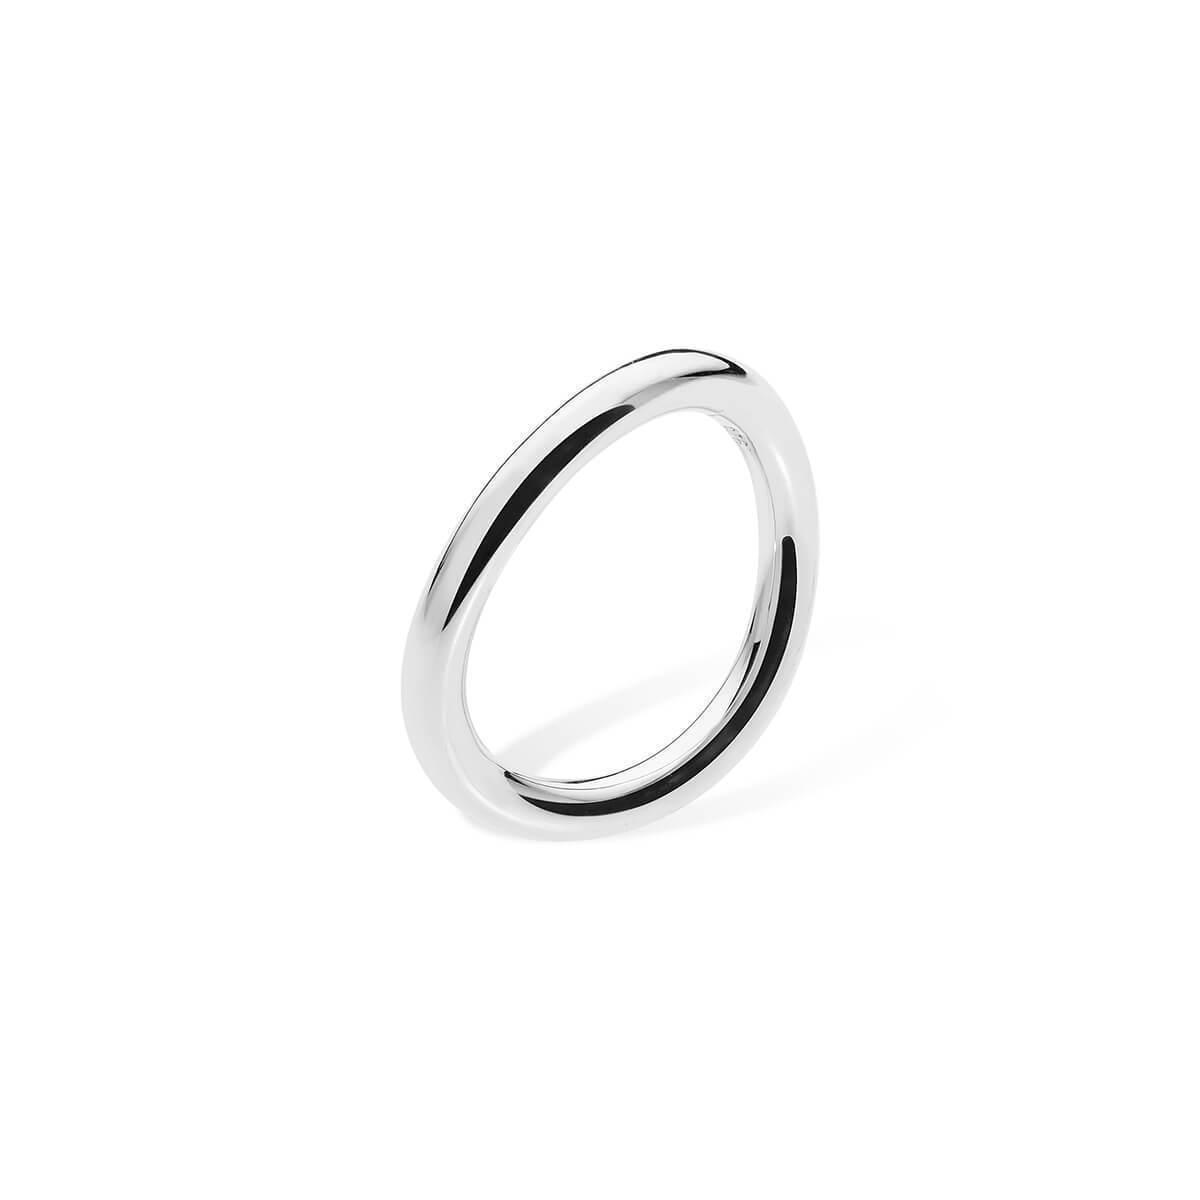 Lucy Quartermaine Midi Ring With Drop - UK G - US 3 3/8 - EU 45 1/4 4uOqq